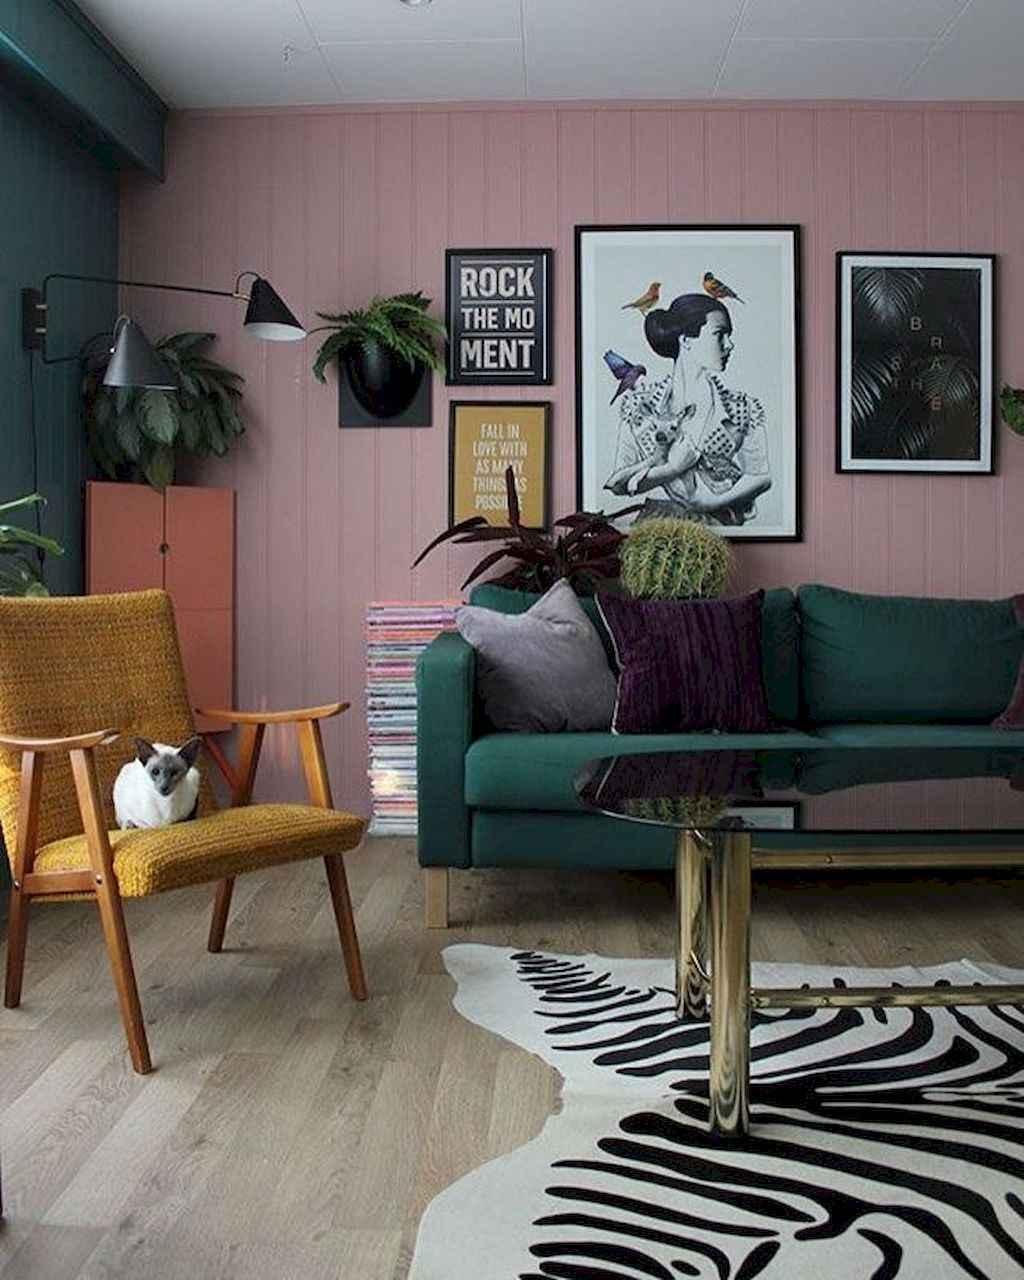 Stunning retro living room decorating ideas on a budget for Retro living room interior design ideas